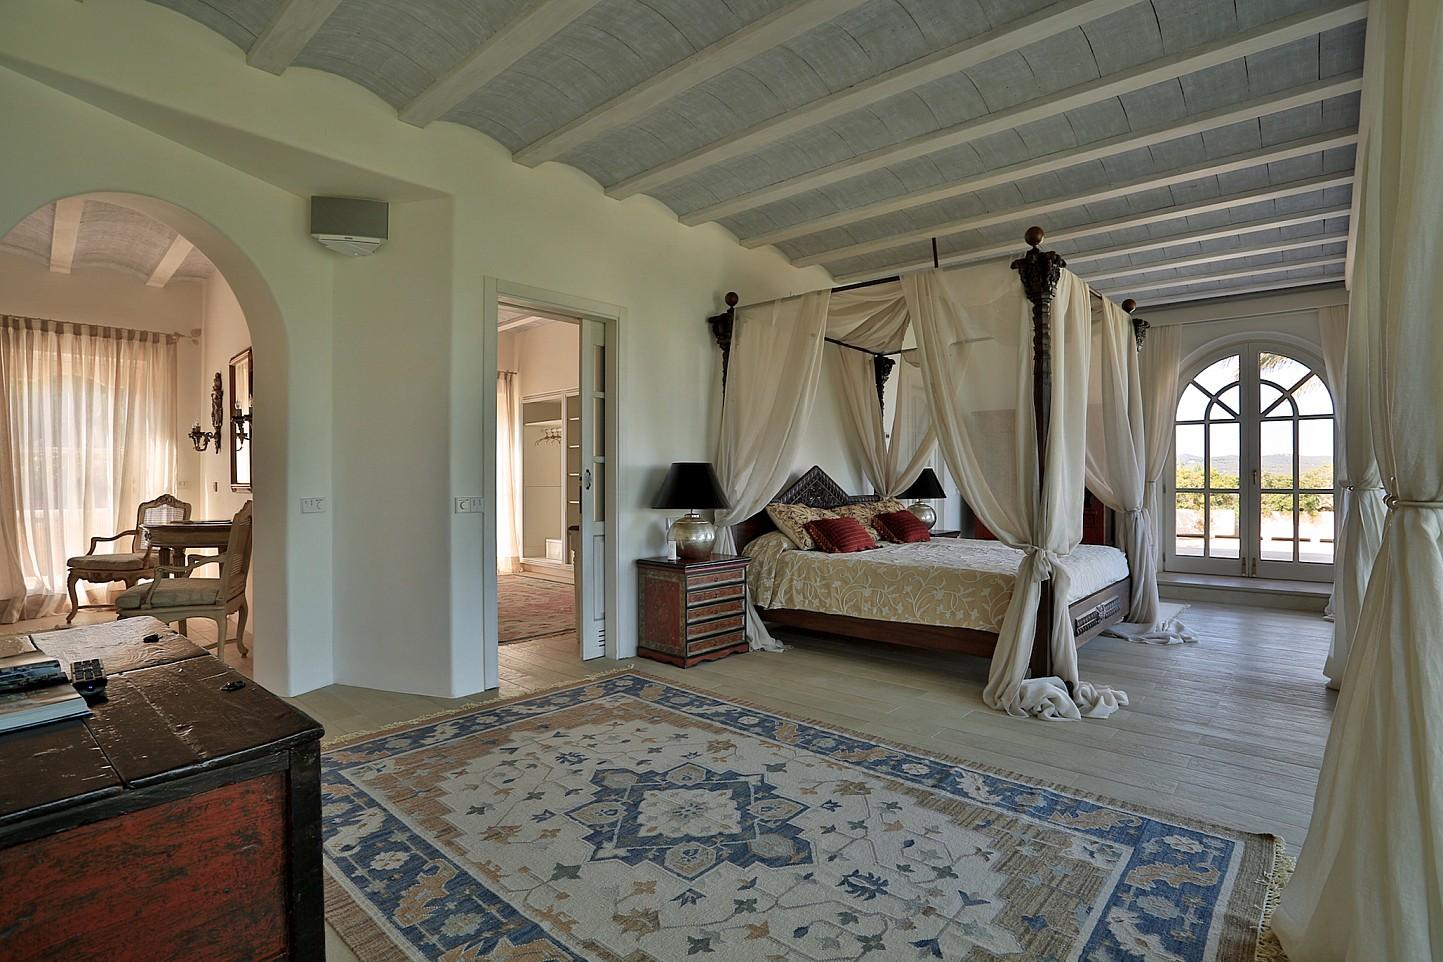 Vistes interiors d'un dels dormitoris